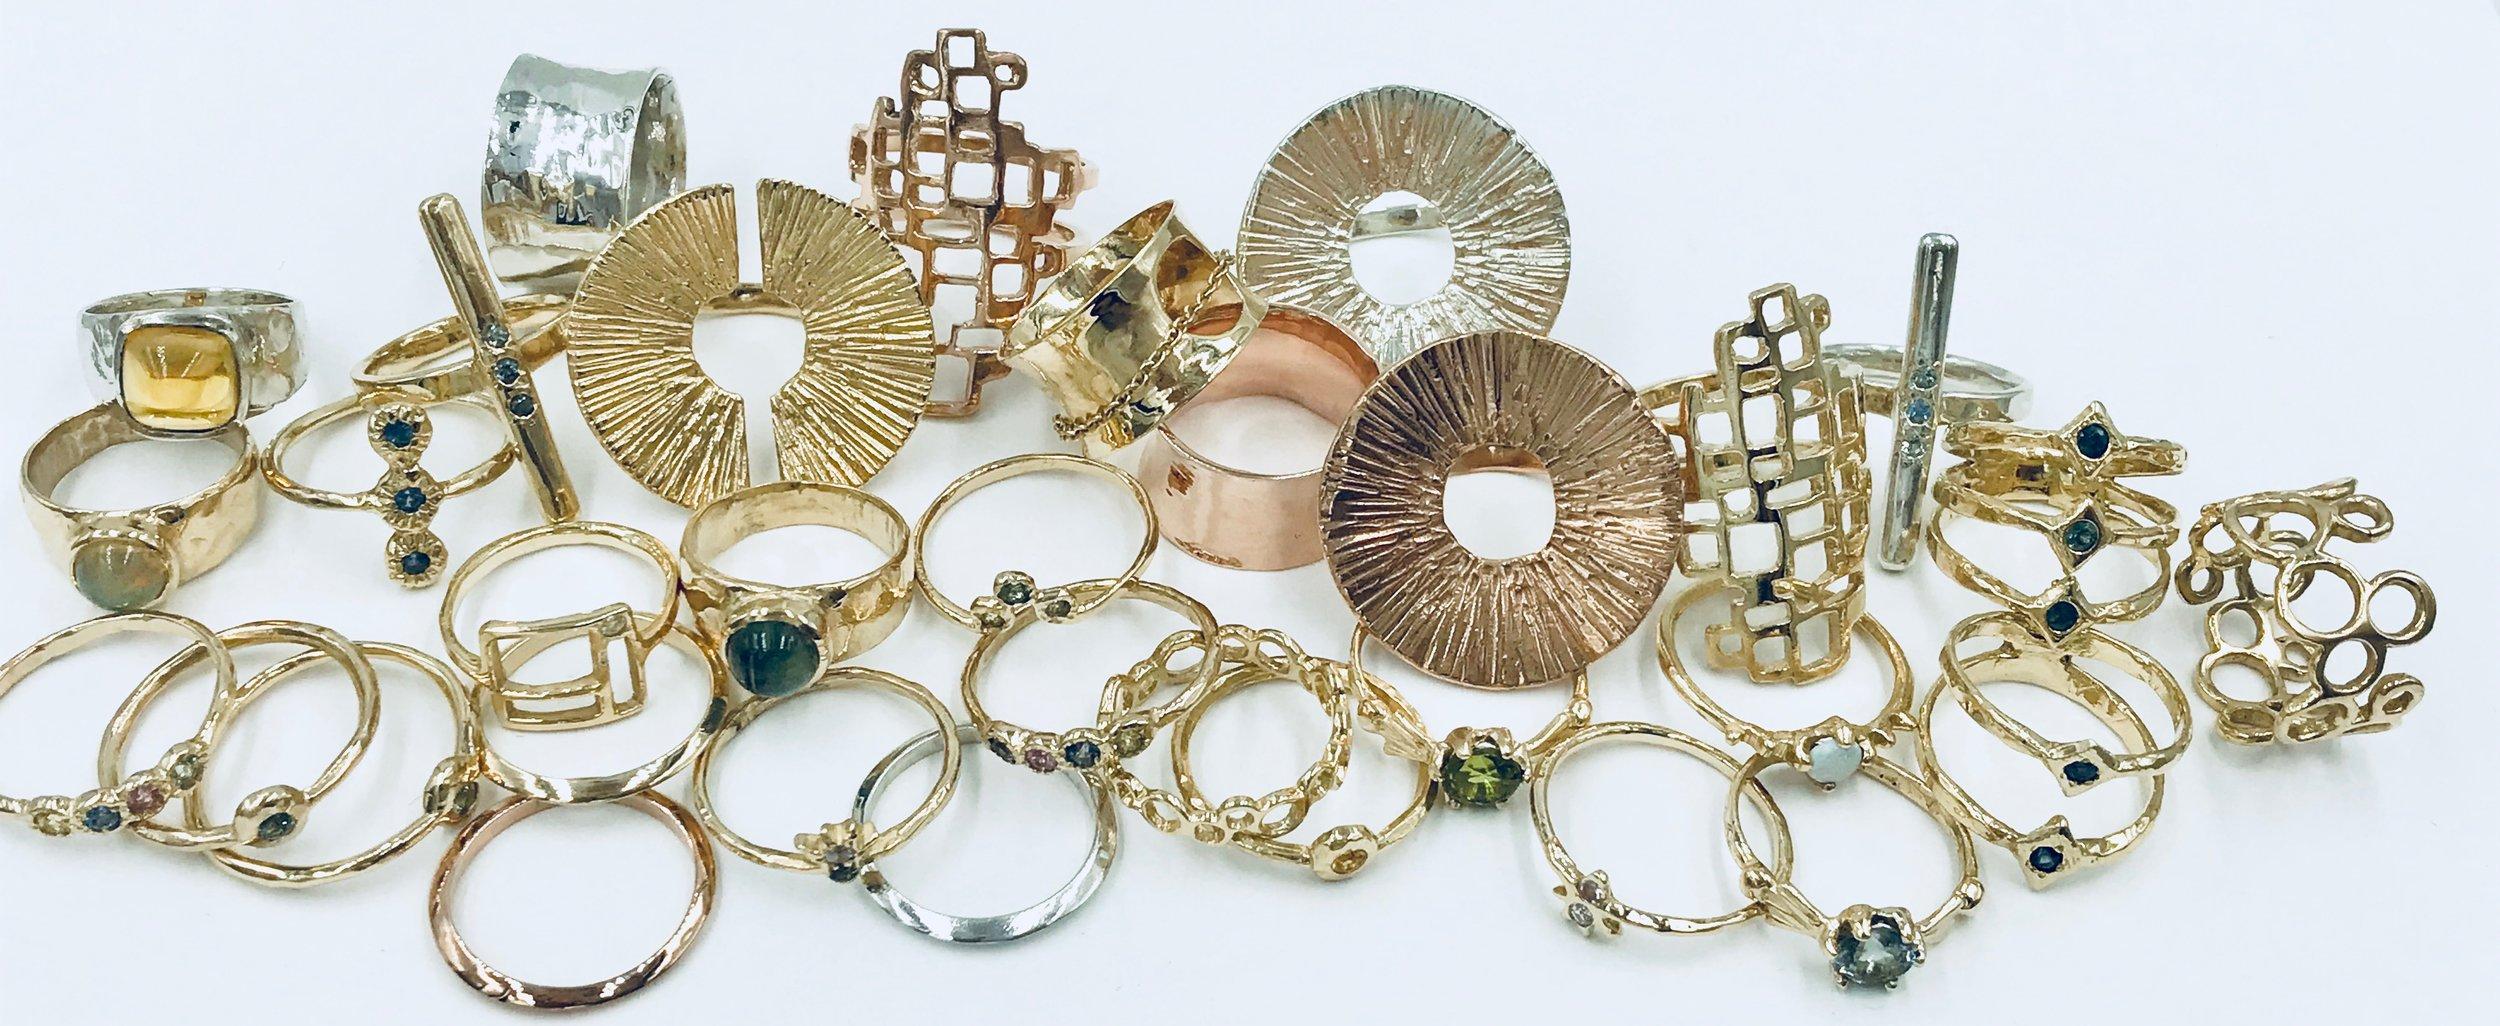 sampling of rings